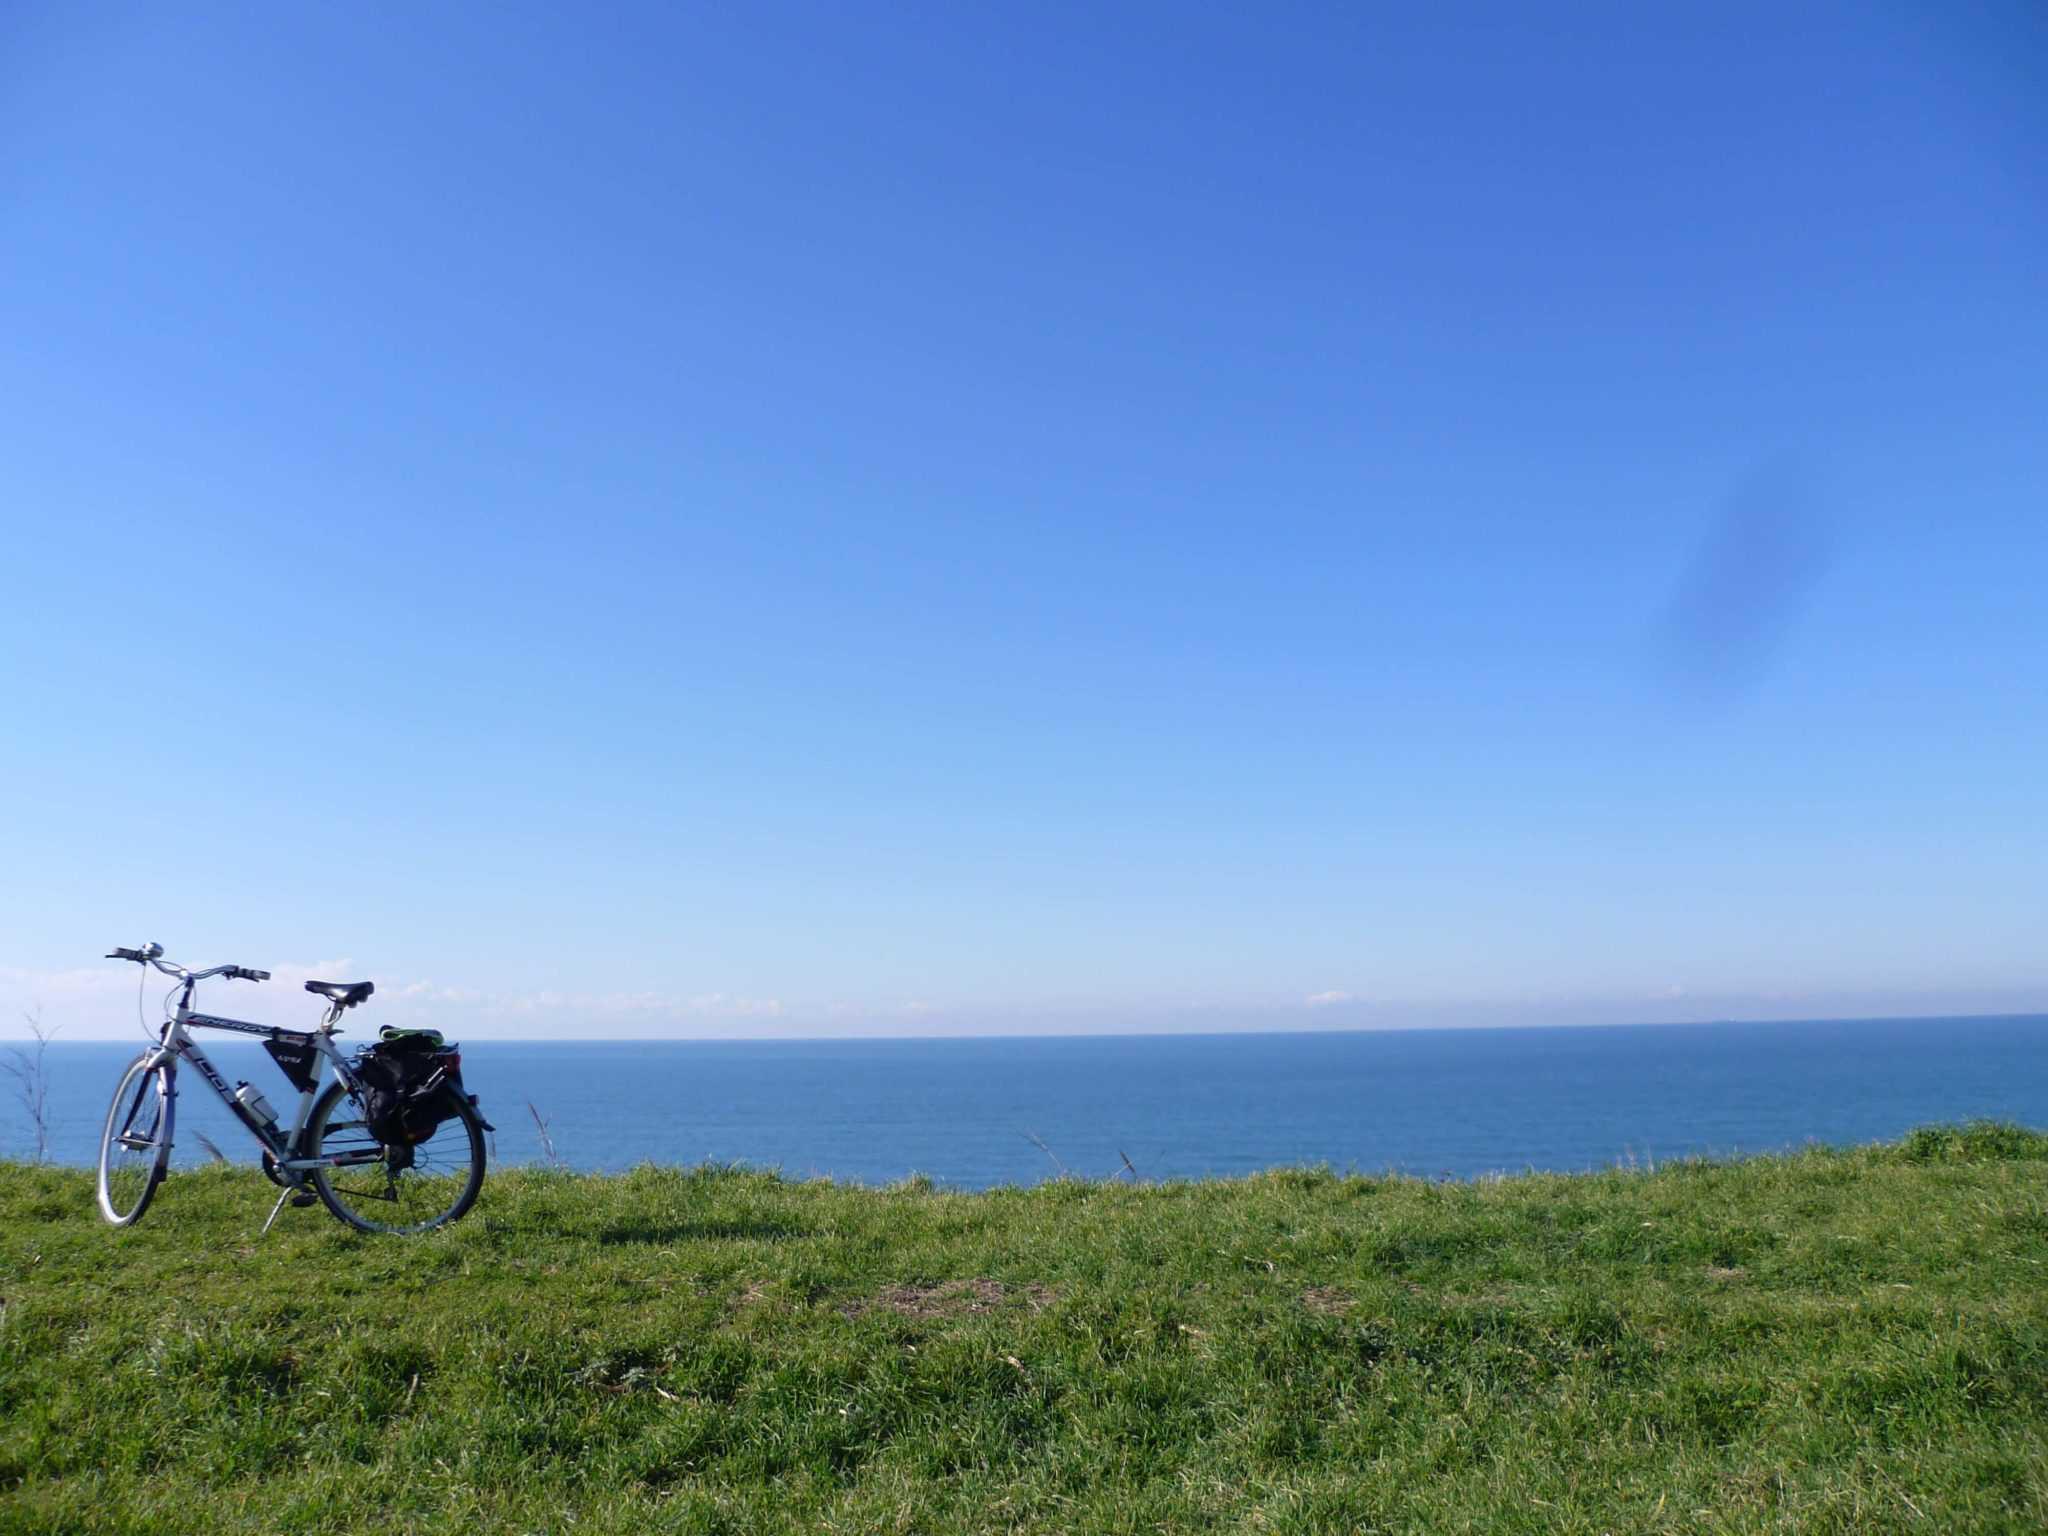 Cyclotourisme en Romagne - services et itinéraires